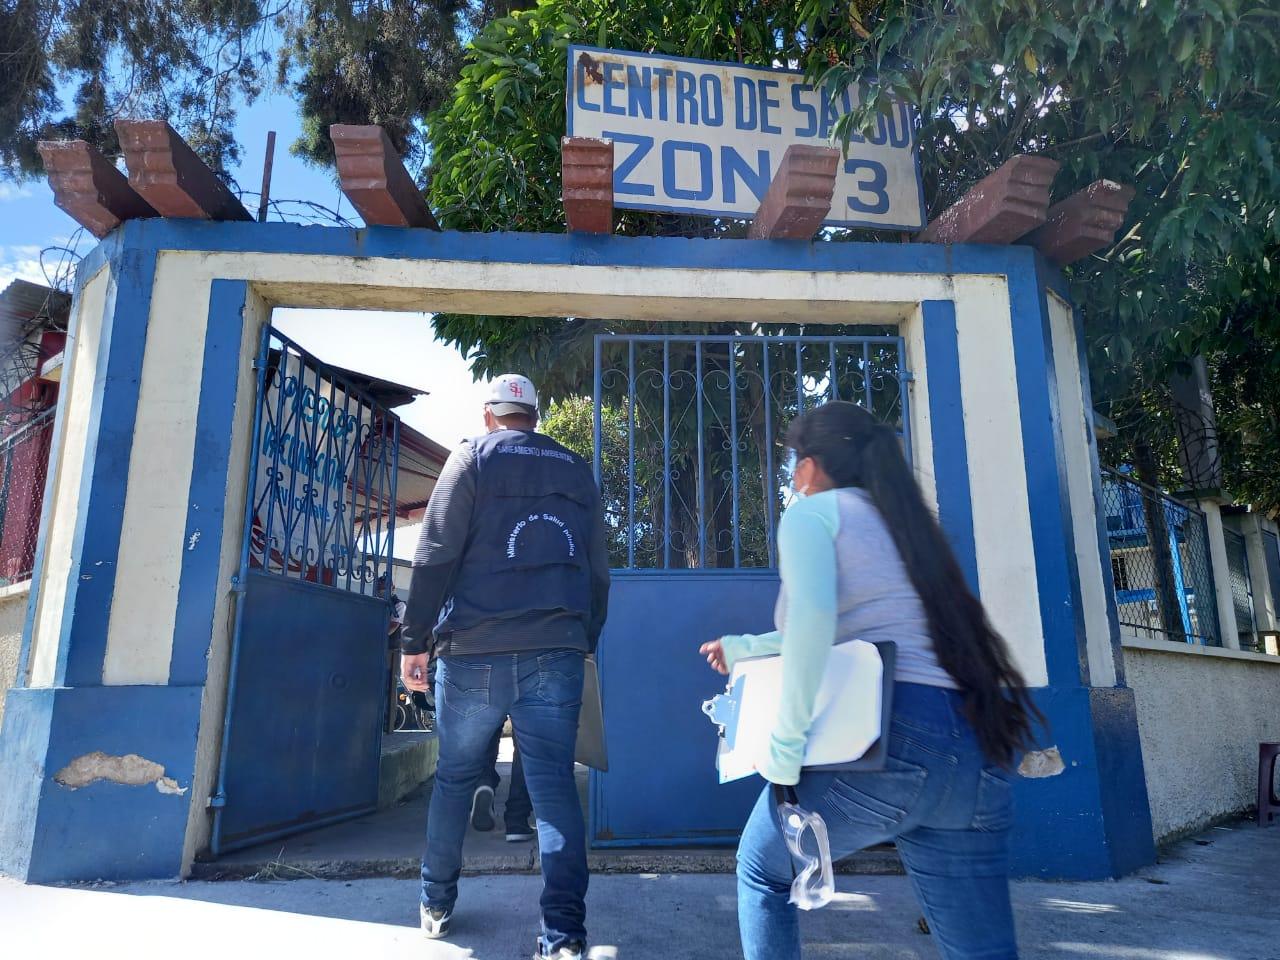 Centro de Salud de zona 3